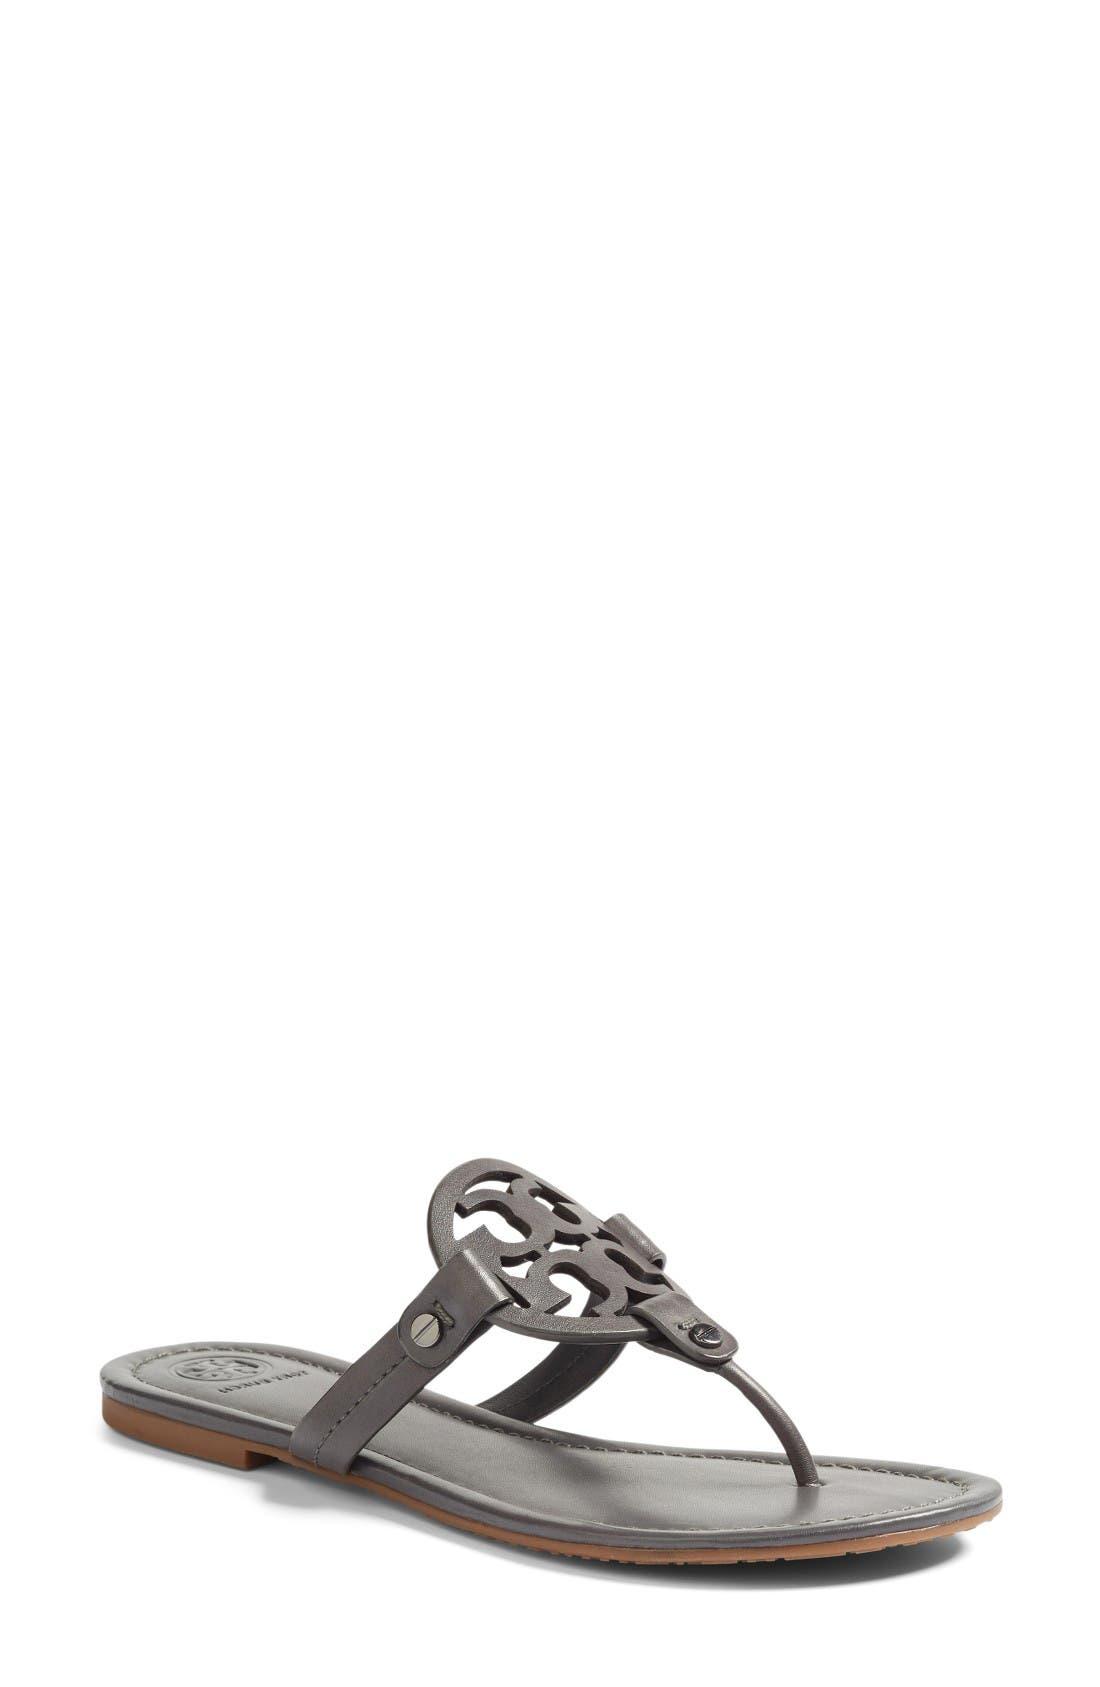 Main Image - Tory Burch 'Miller' Flip Flop (Women)